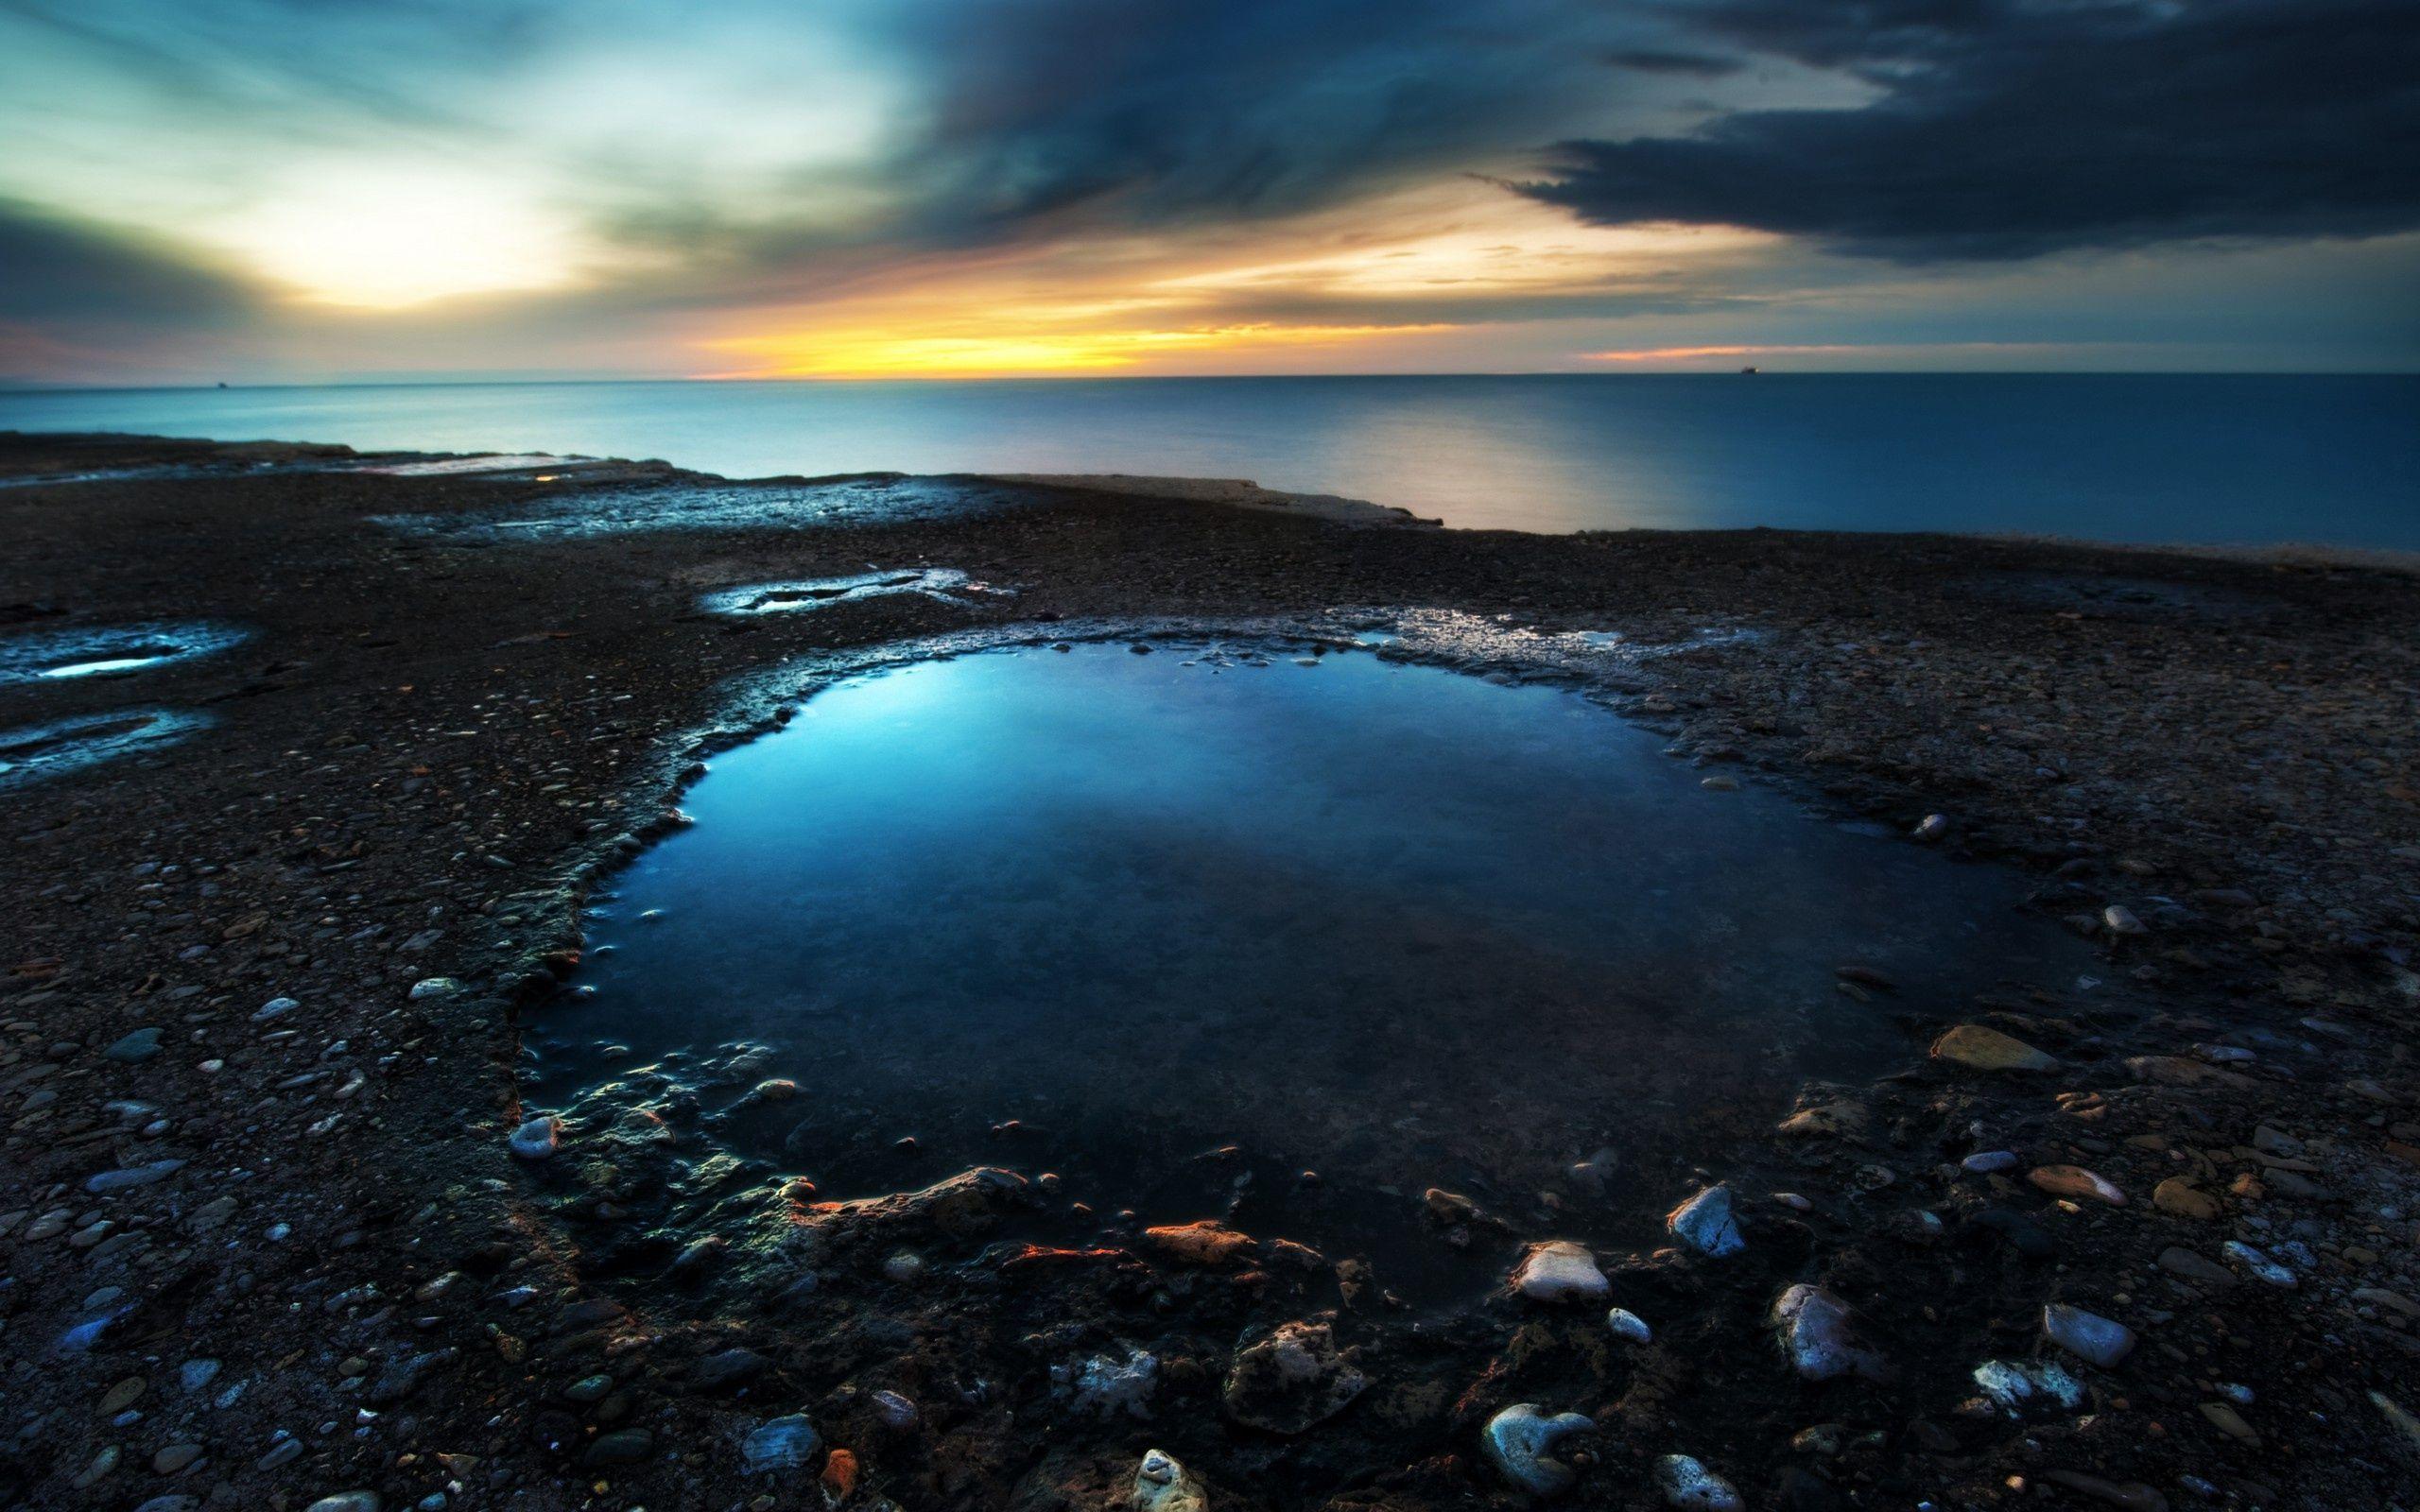 Dark Sunset By The Ocean Sunset Wallpaper Hd Nature Wallpapers Ocean Wallpaper